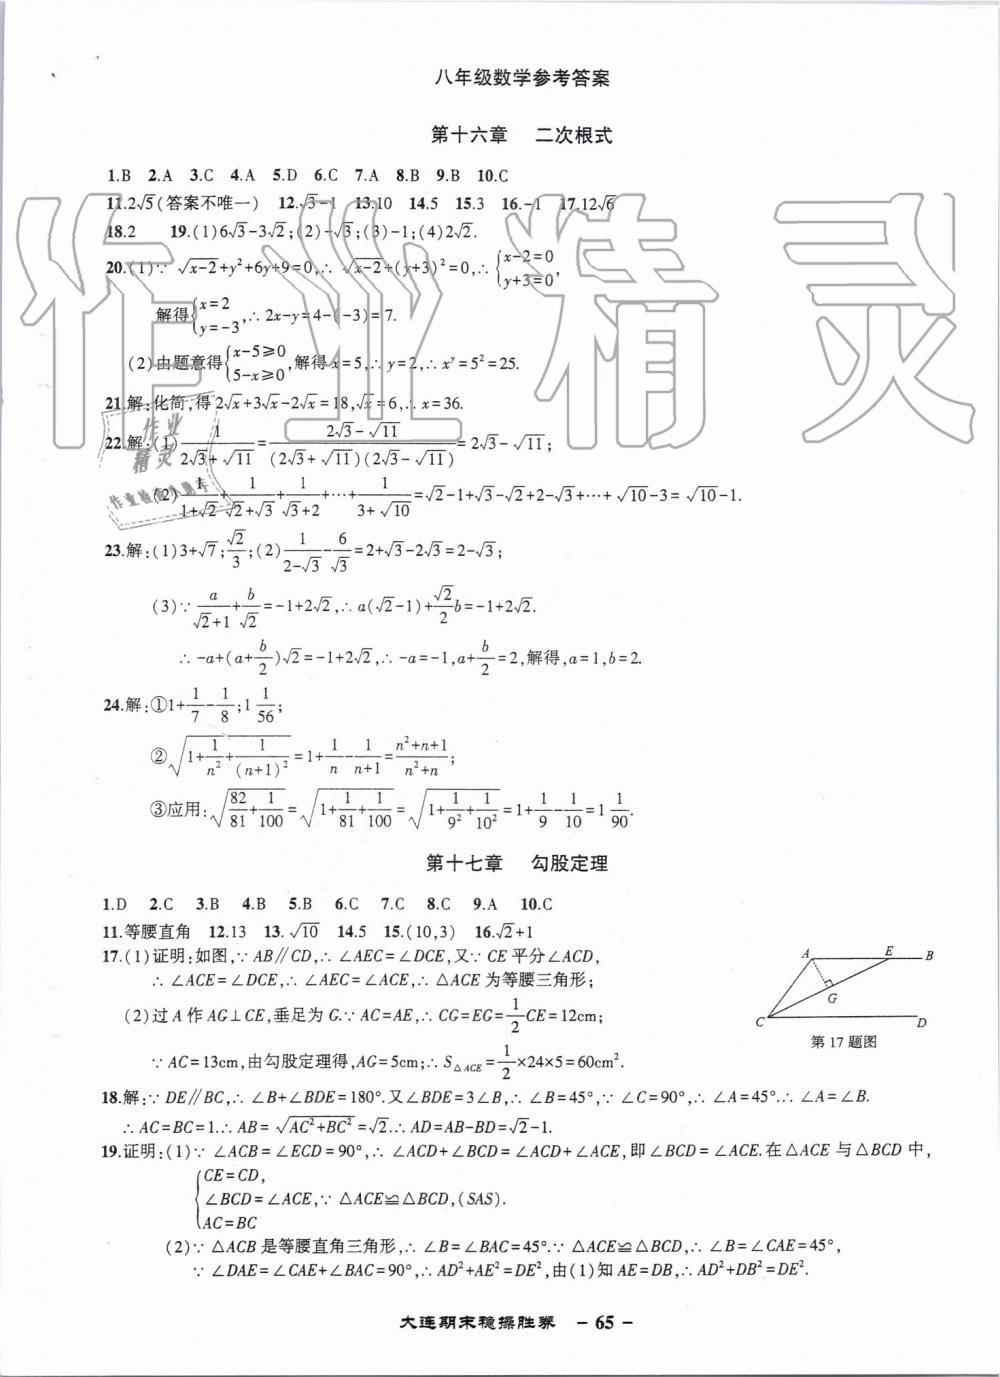 2019年大连期末稳操胜券八年级数学第二学期第1页